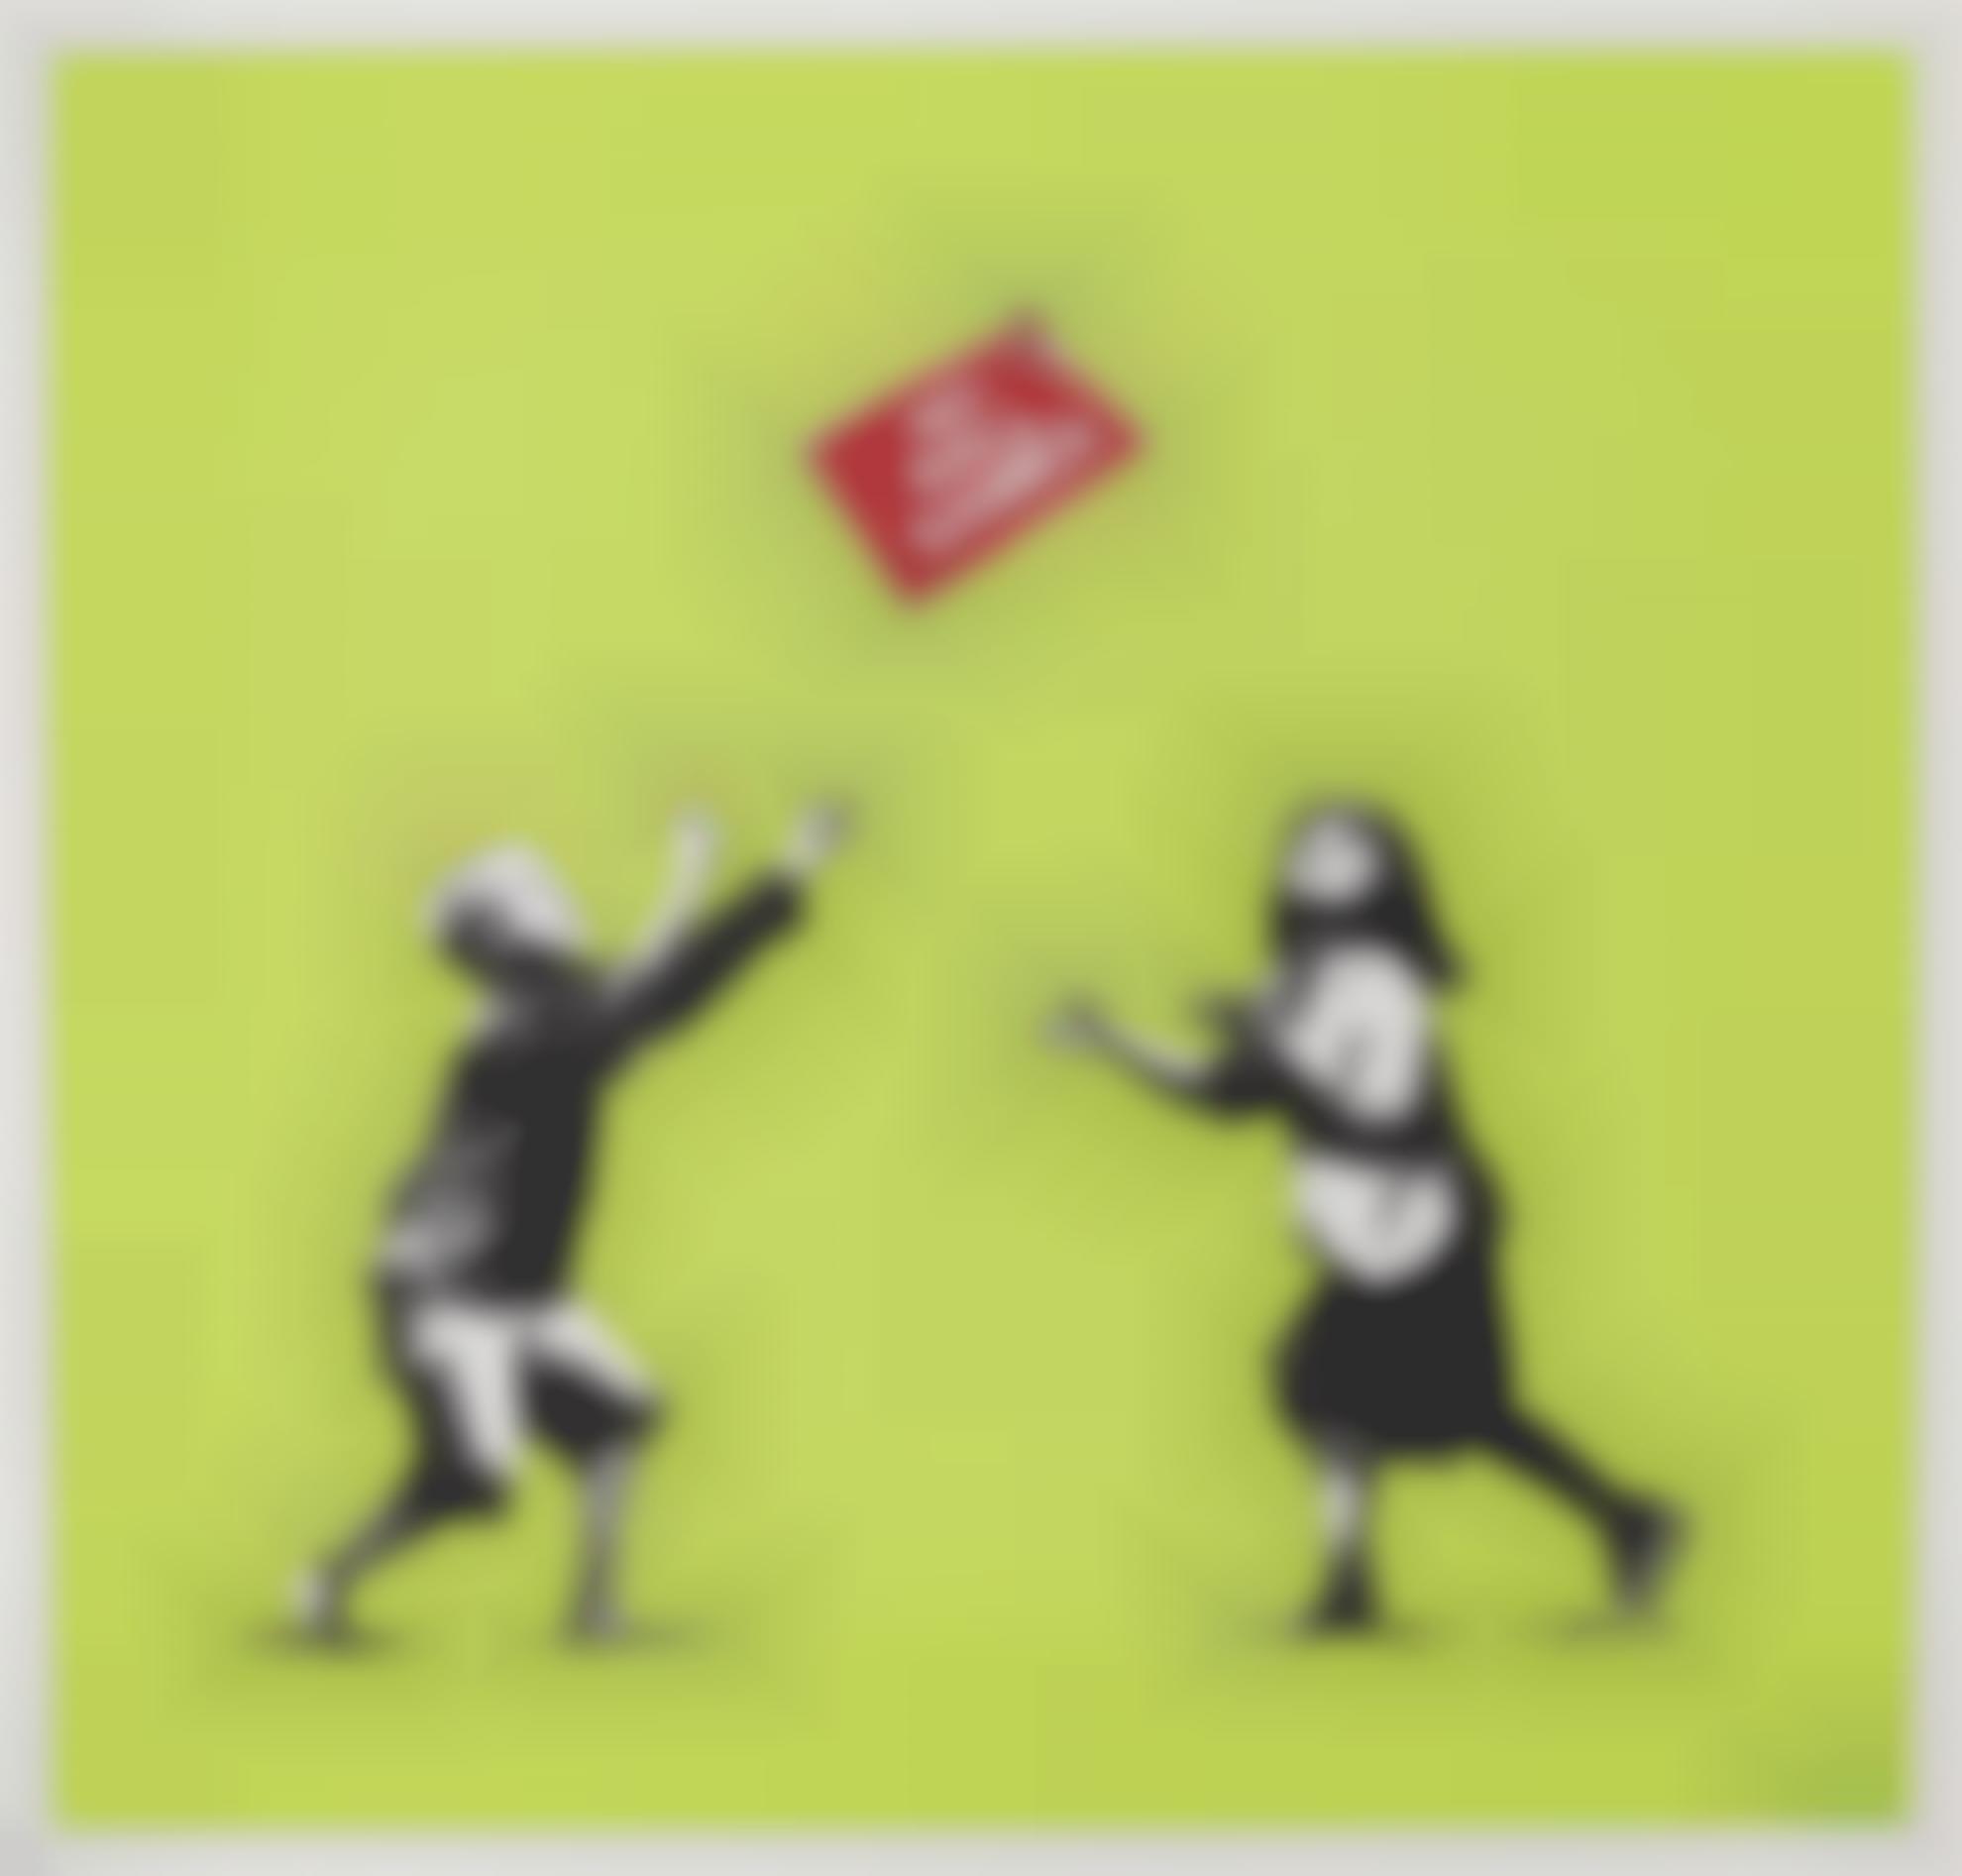 Banksy-No Ball Games (Green)-2009